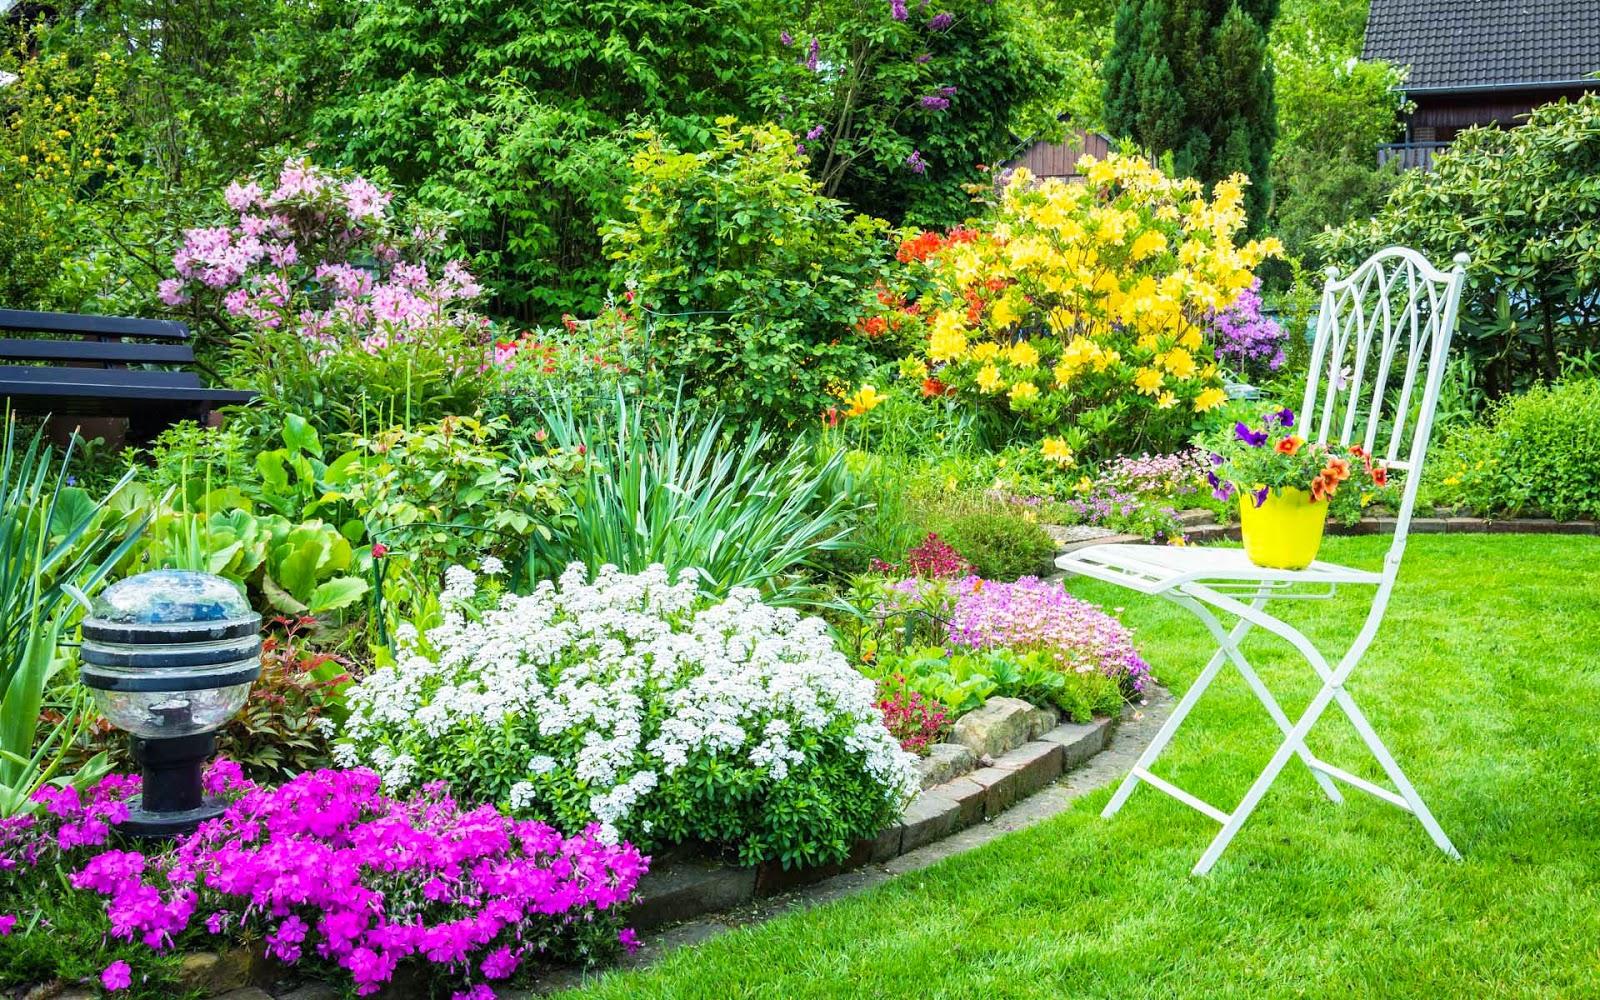 Prachtige tuin met bloemen